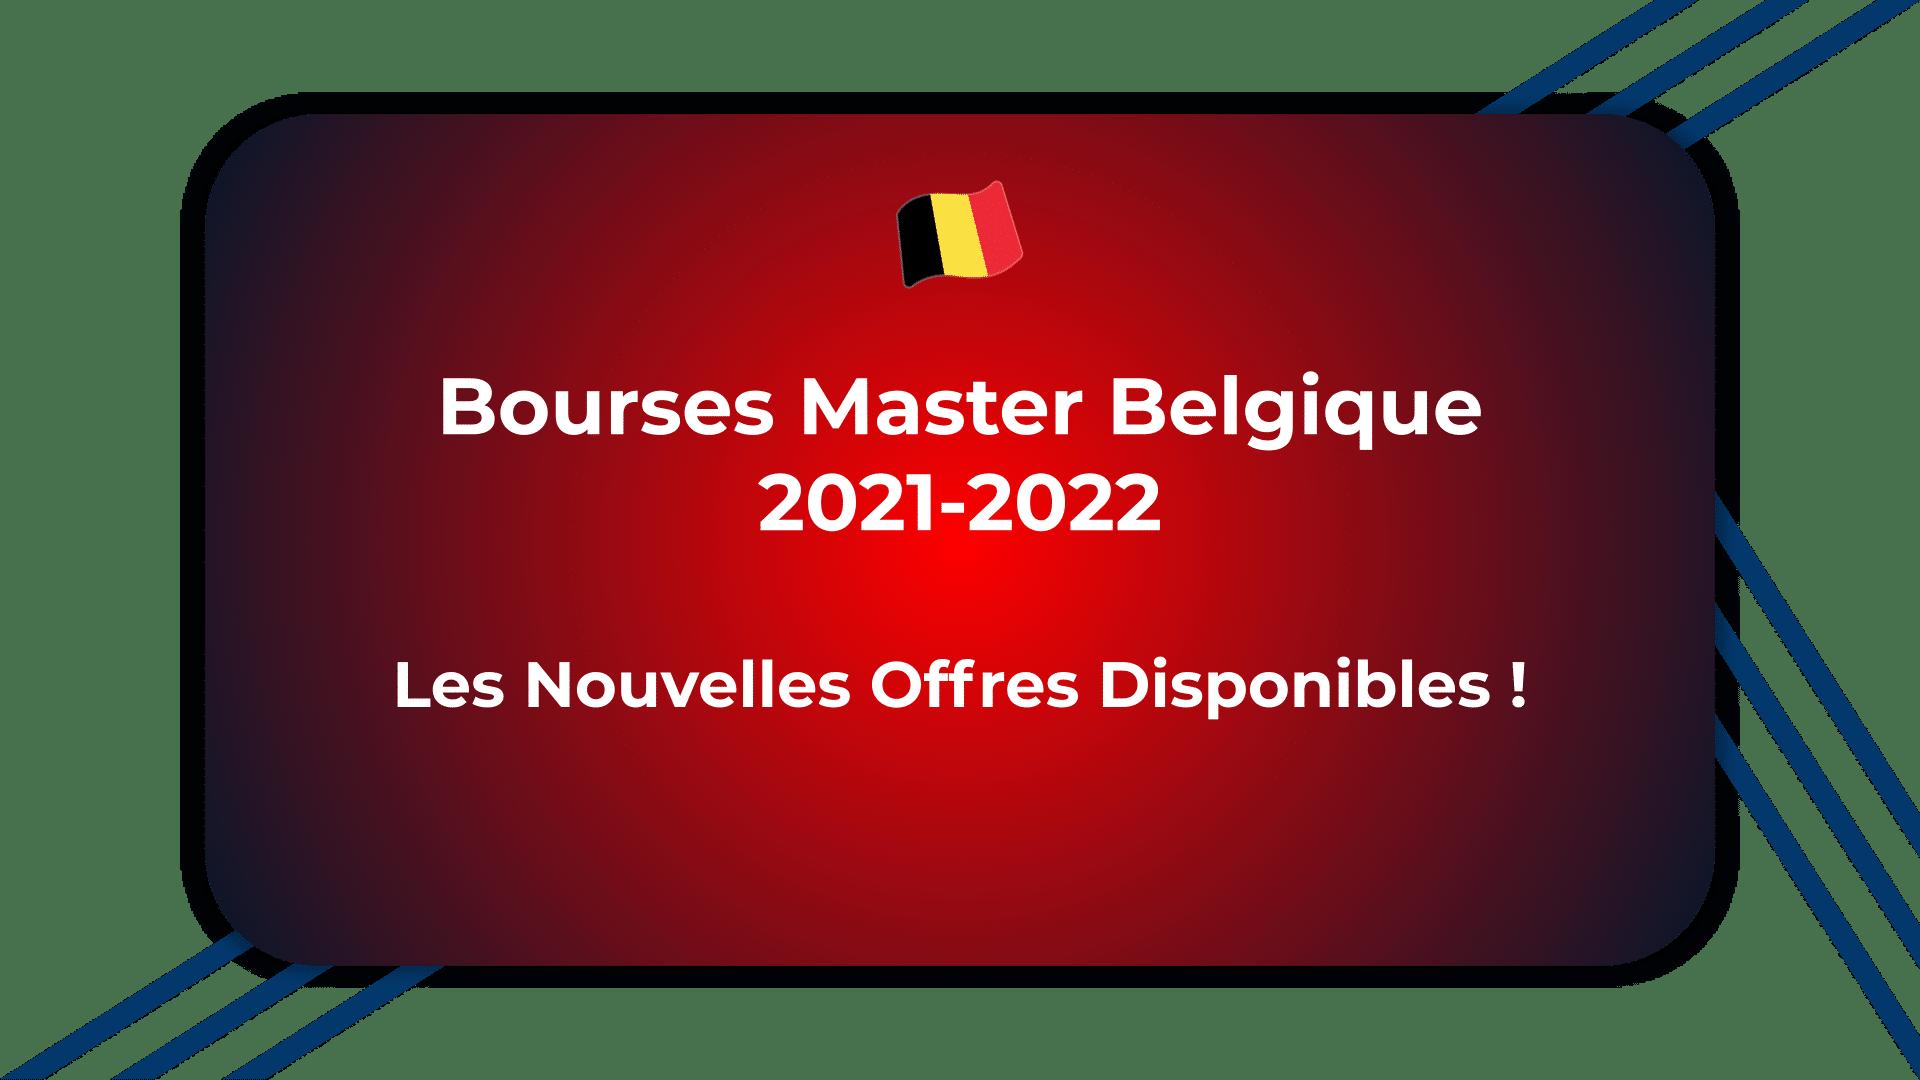 Bourses Master Belgique